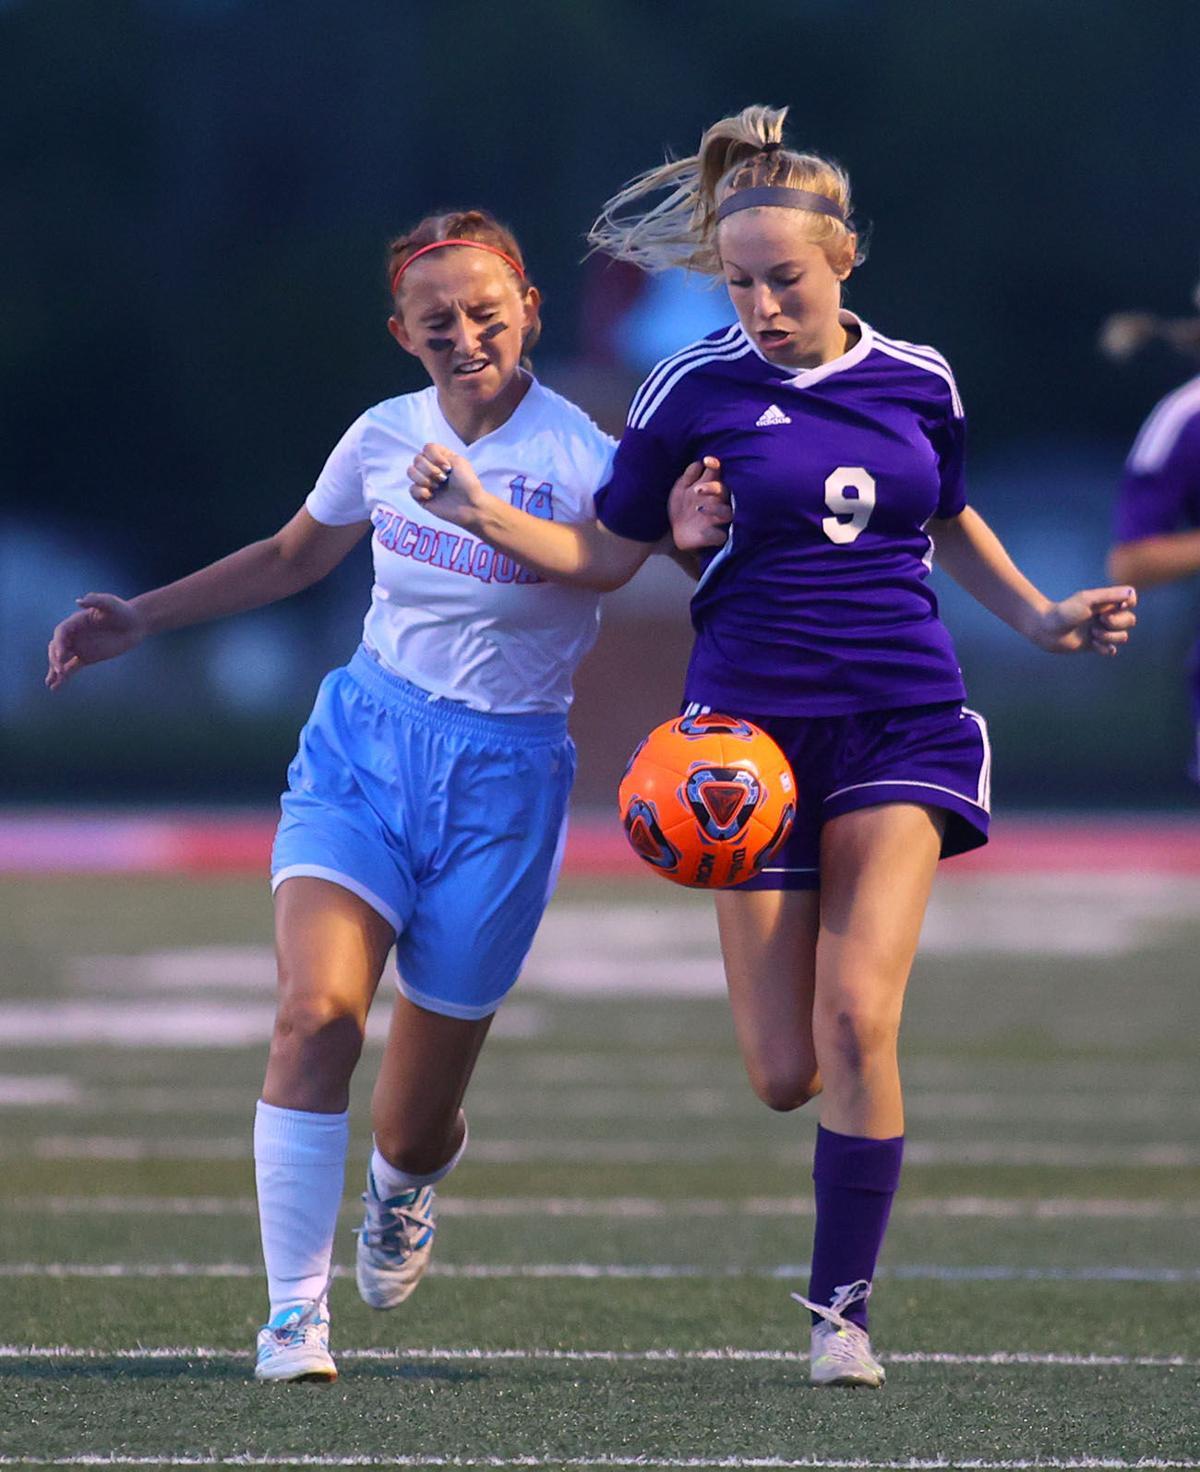 NW vs Mac girls sectional soccer 01.jpg